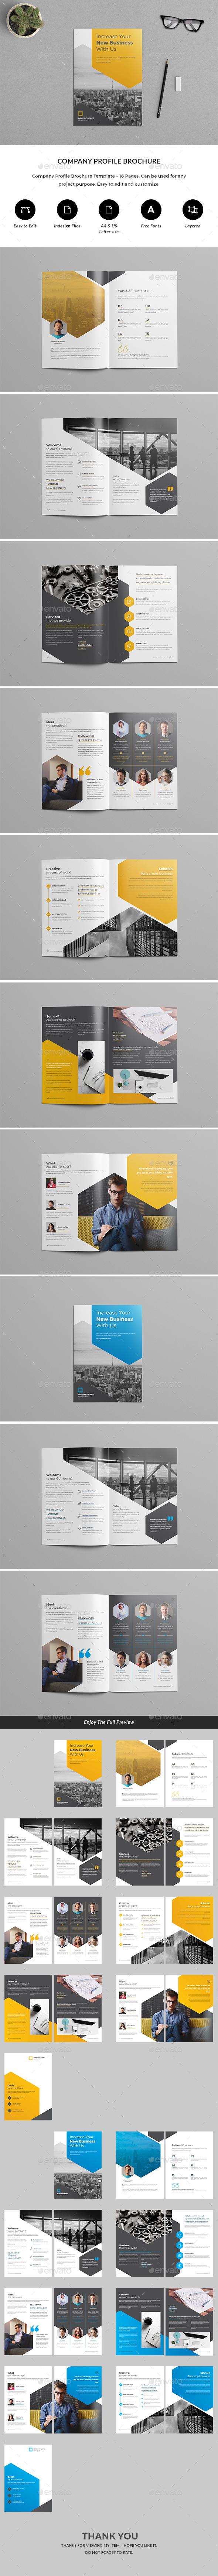 GraphicRiver Company Profile 21104580